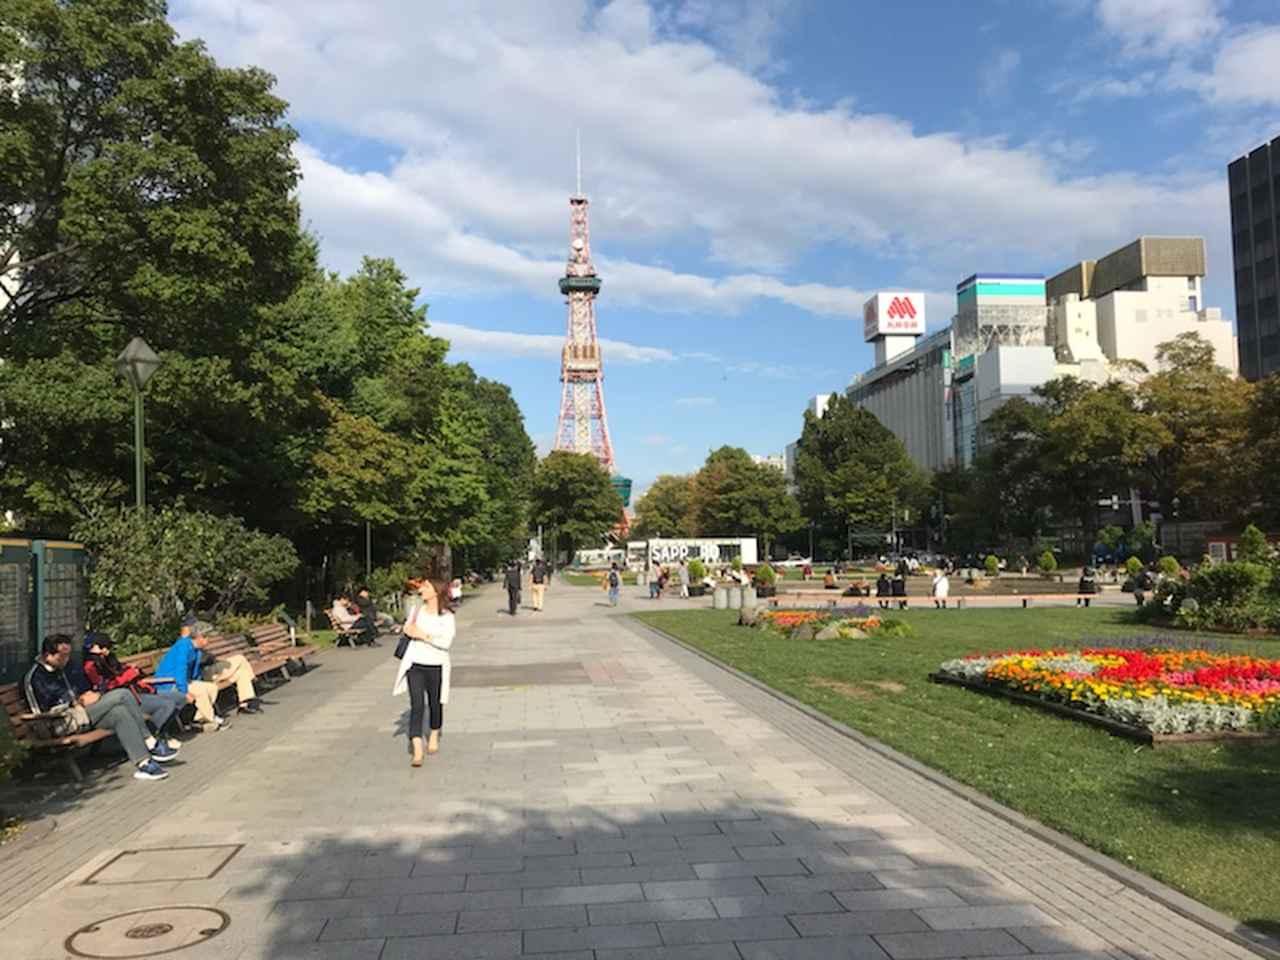 画像: 9月13日 札幌現地スタッフ撮影 札幌大通り公園